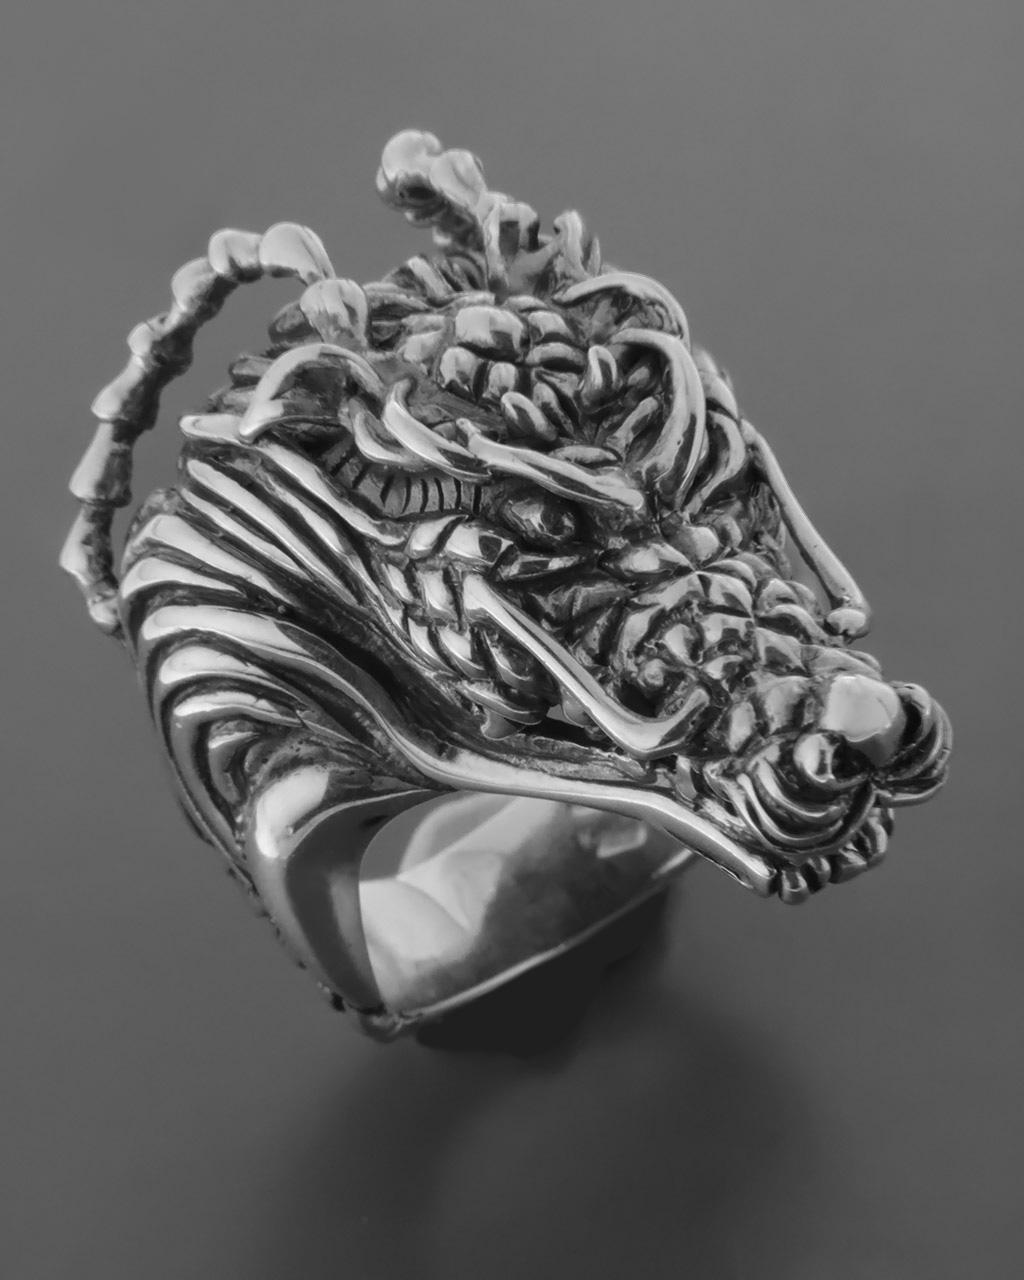 Ανδρικό χειροποίητο δαχτυλίδι Δράκος   κοσμηματα δαχτυλίδια δαχτυλίδια ανδρικά